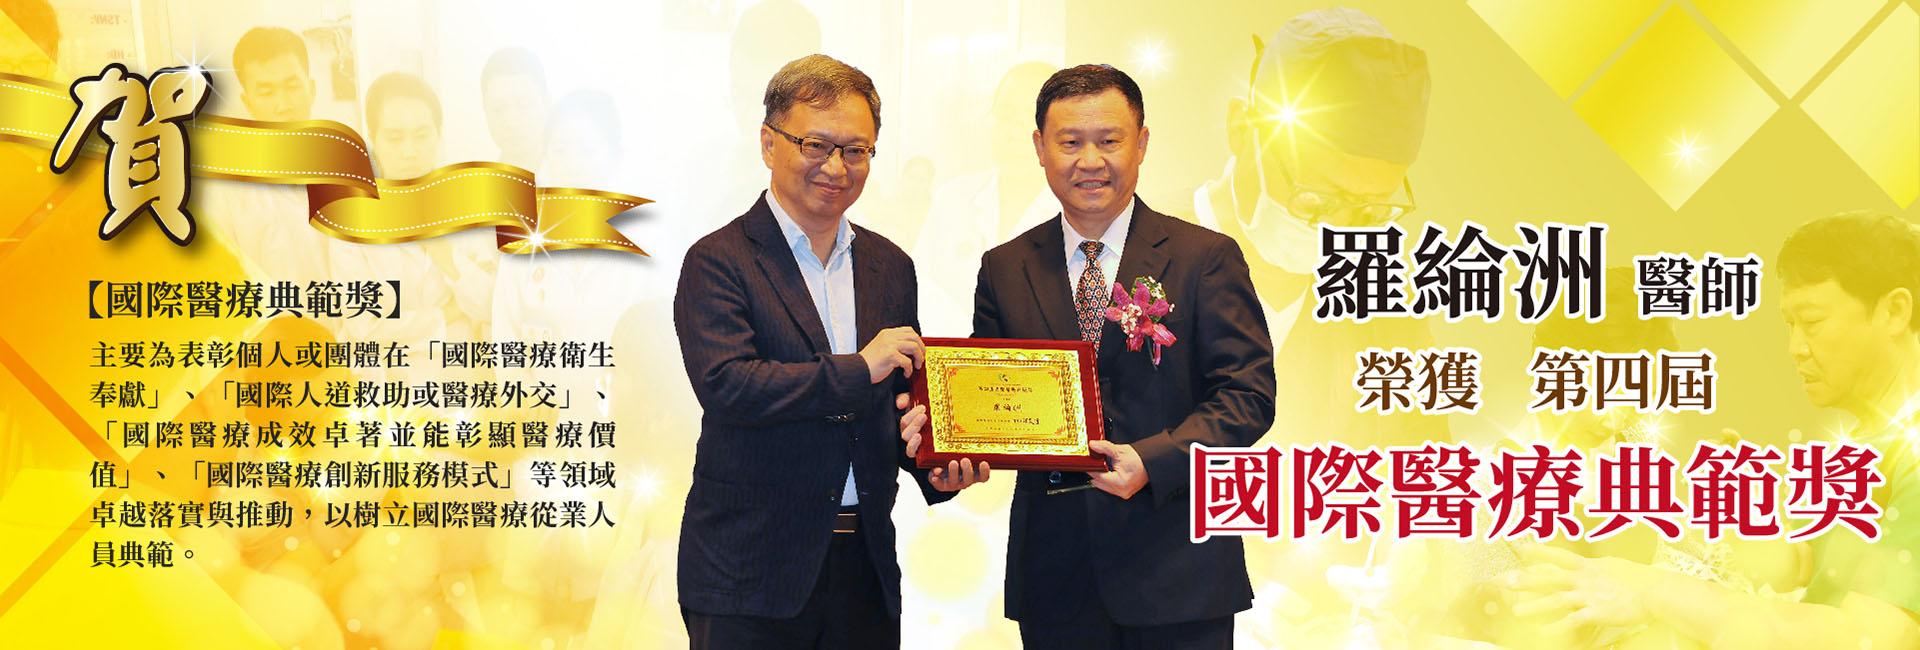 賀羅綸洲醫師榮獲第四屆國際醫療典範獎